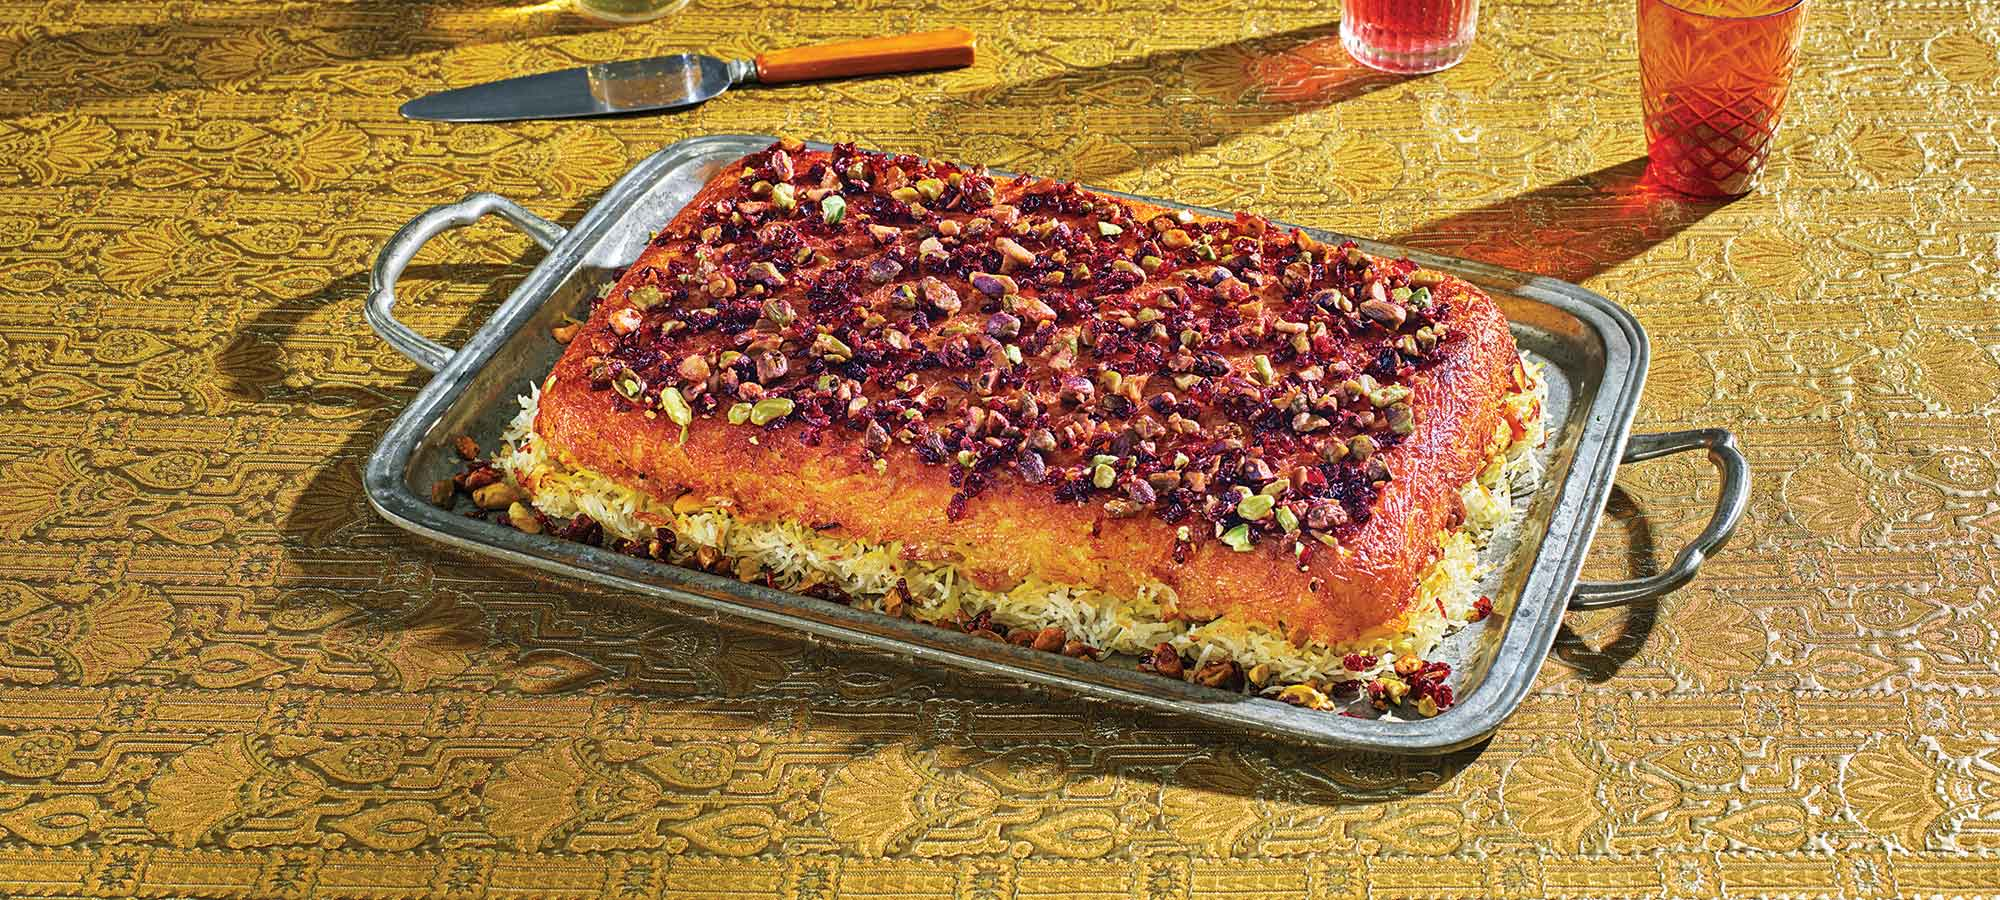 saffron rice with chicken